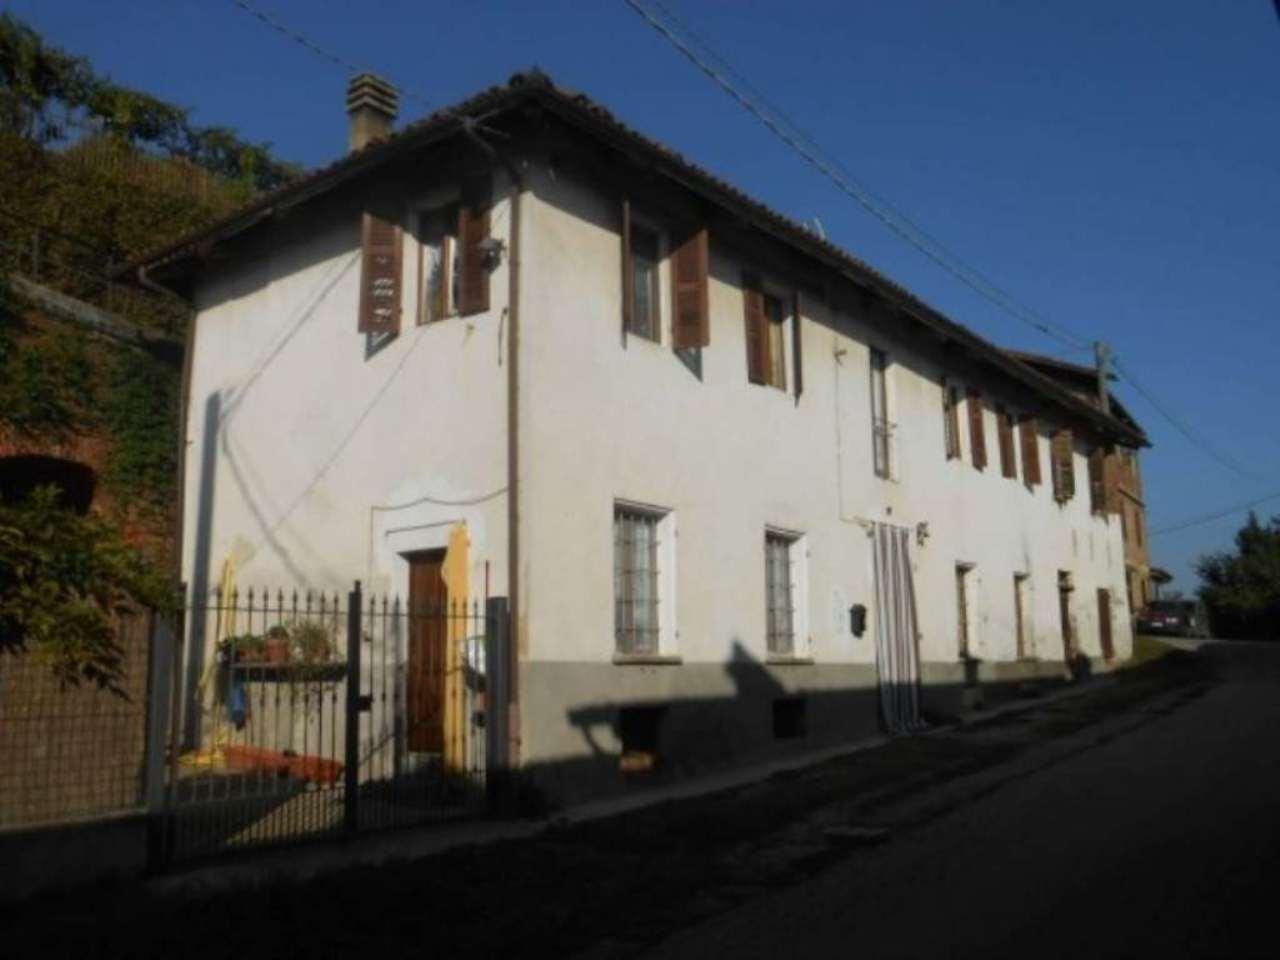 Rustico / Casale in vendita a Soglio, 9999 locali, prezzo € 110.000 | Cambio Casa.it